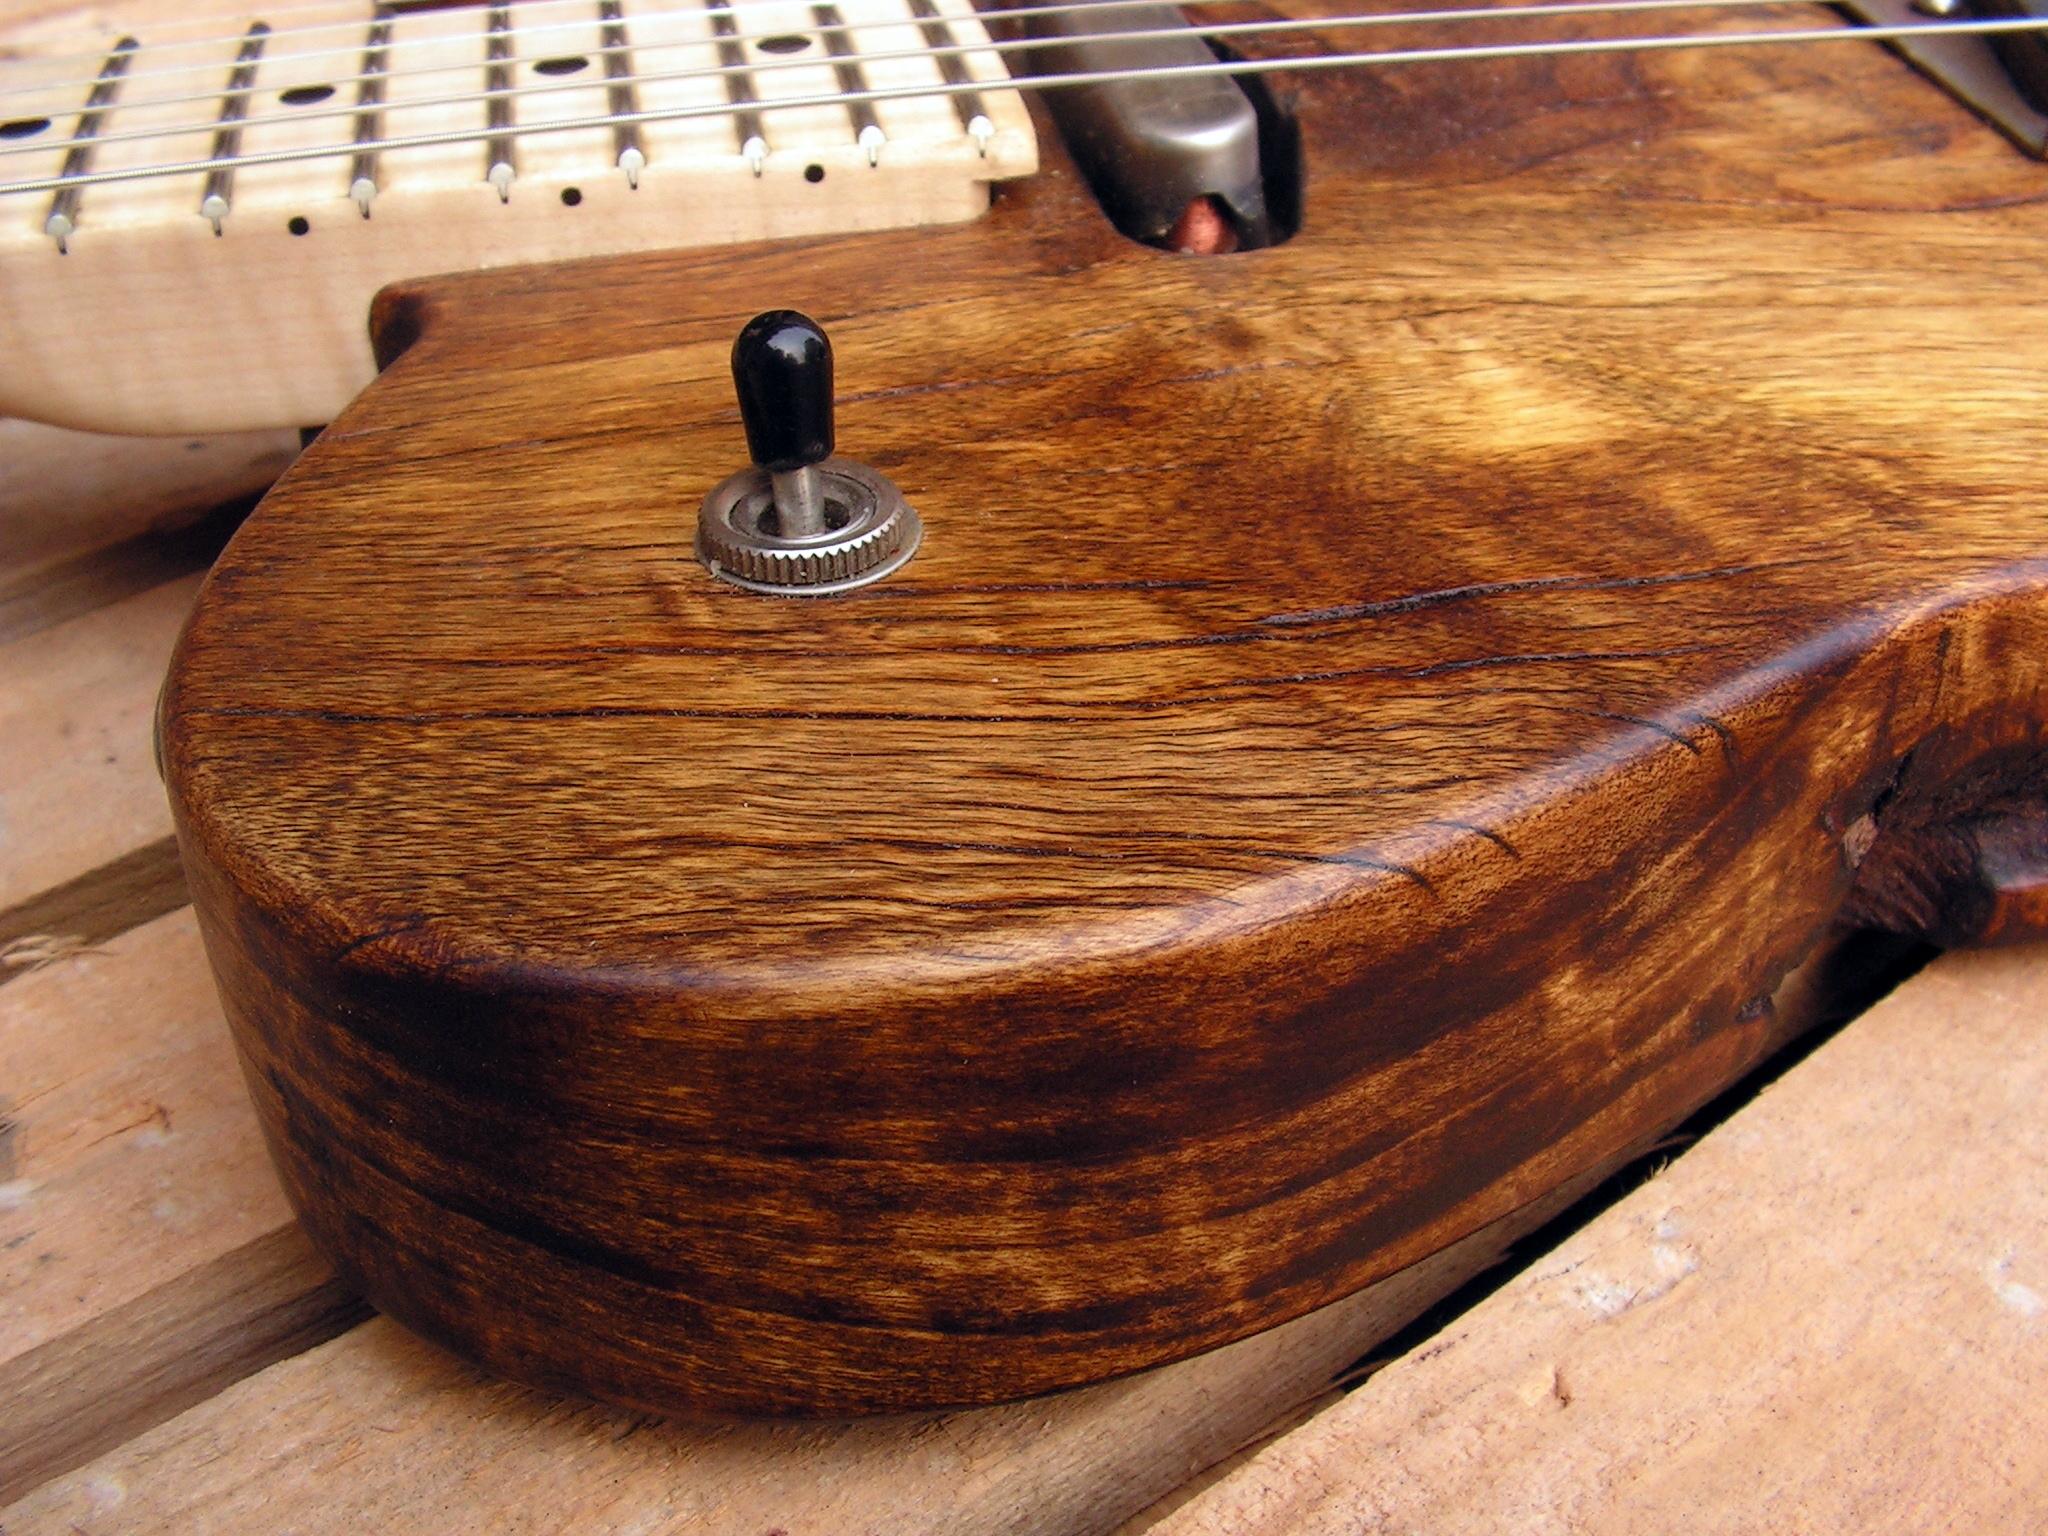 Spalla di una chitarra elettrica Telecaster in pioppo secolare con manico in acero